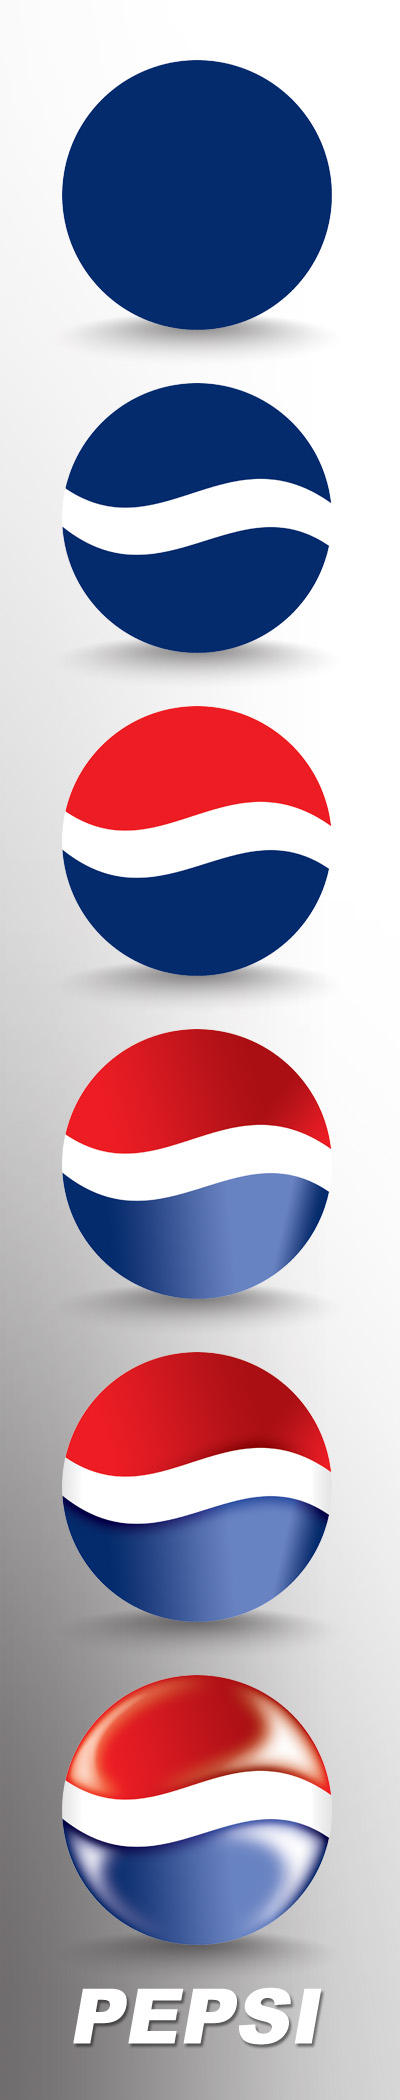 Baird sermons pepsi logos old pepsi double dot logo buycottarizona